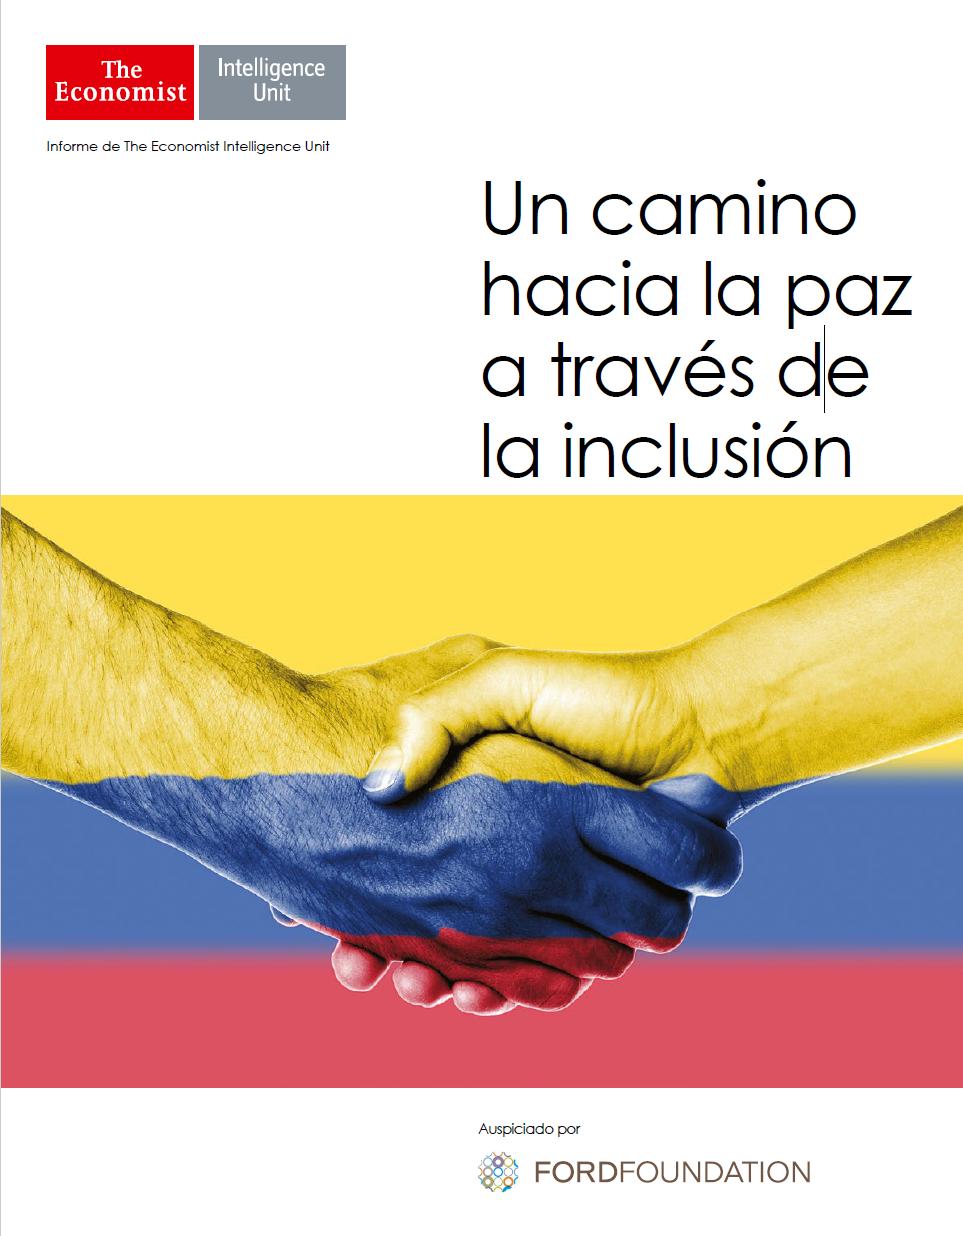 Un camino hacia la paz a través de la inclusión